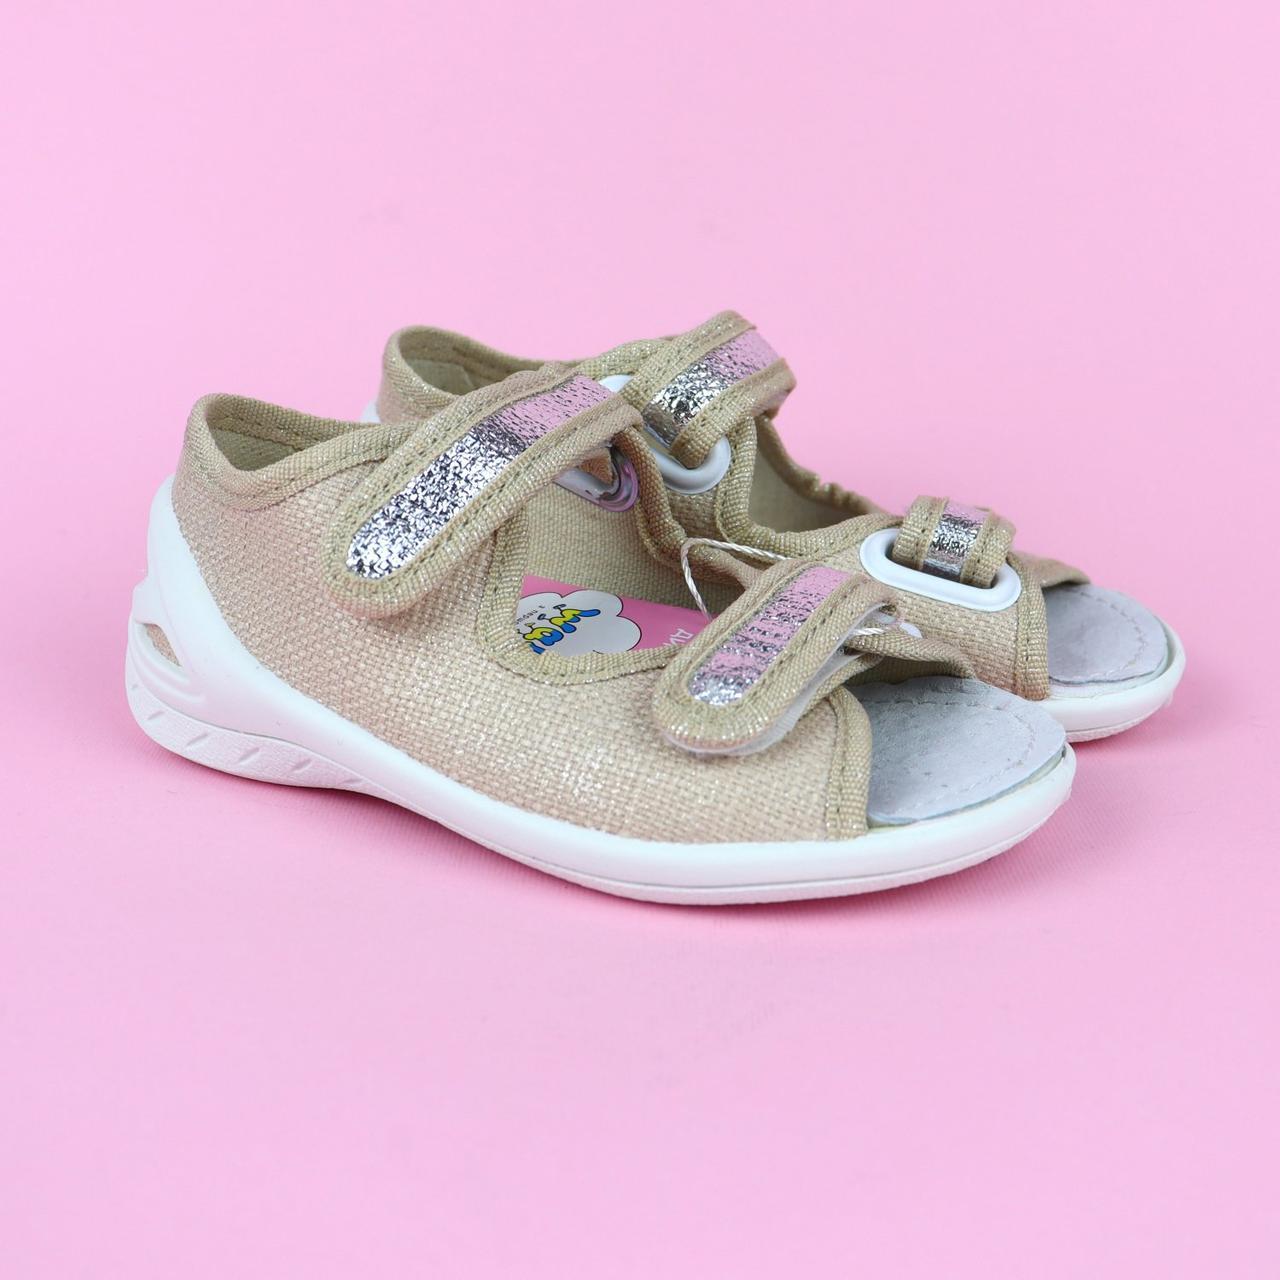 Текстильні тапочки для дівчинки відкритий носок тм Waldi розмір 23,26